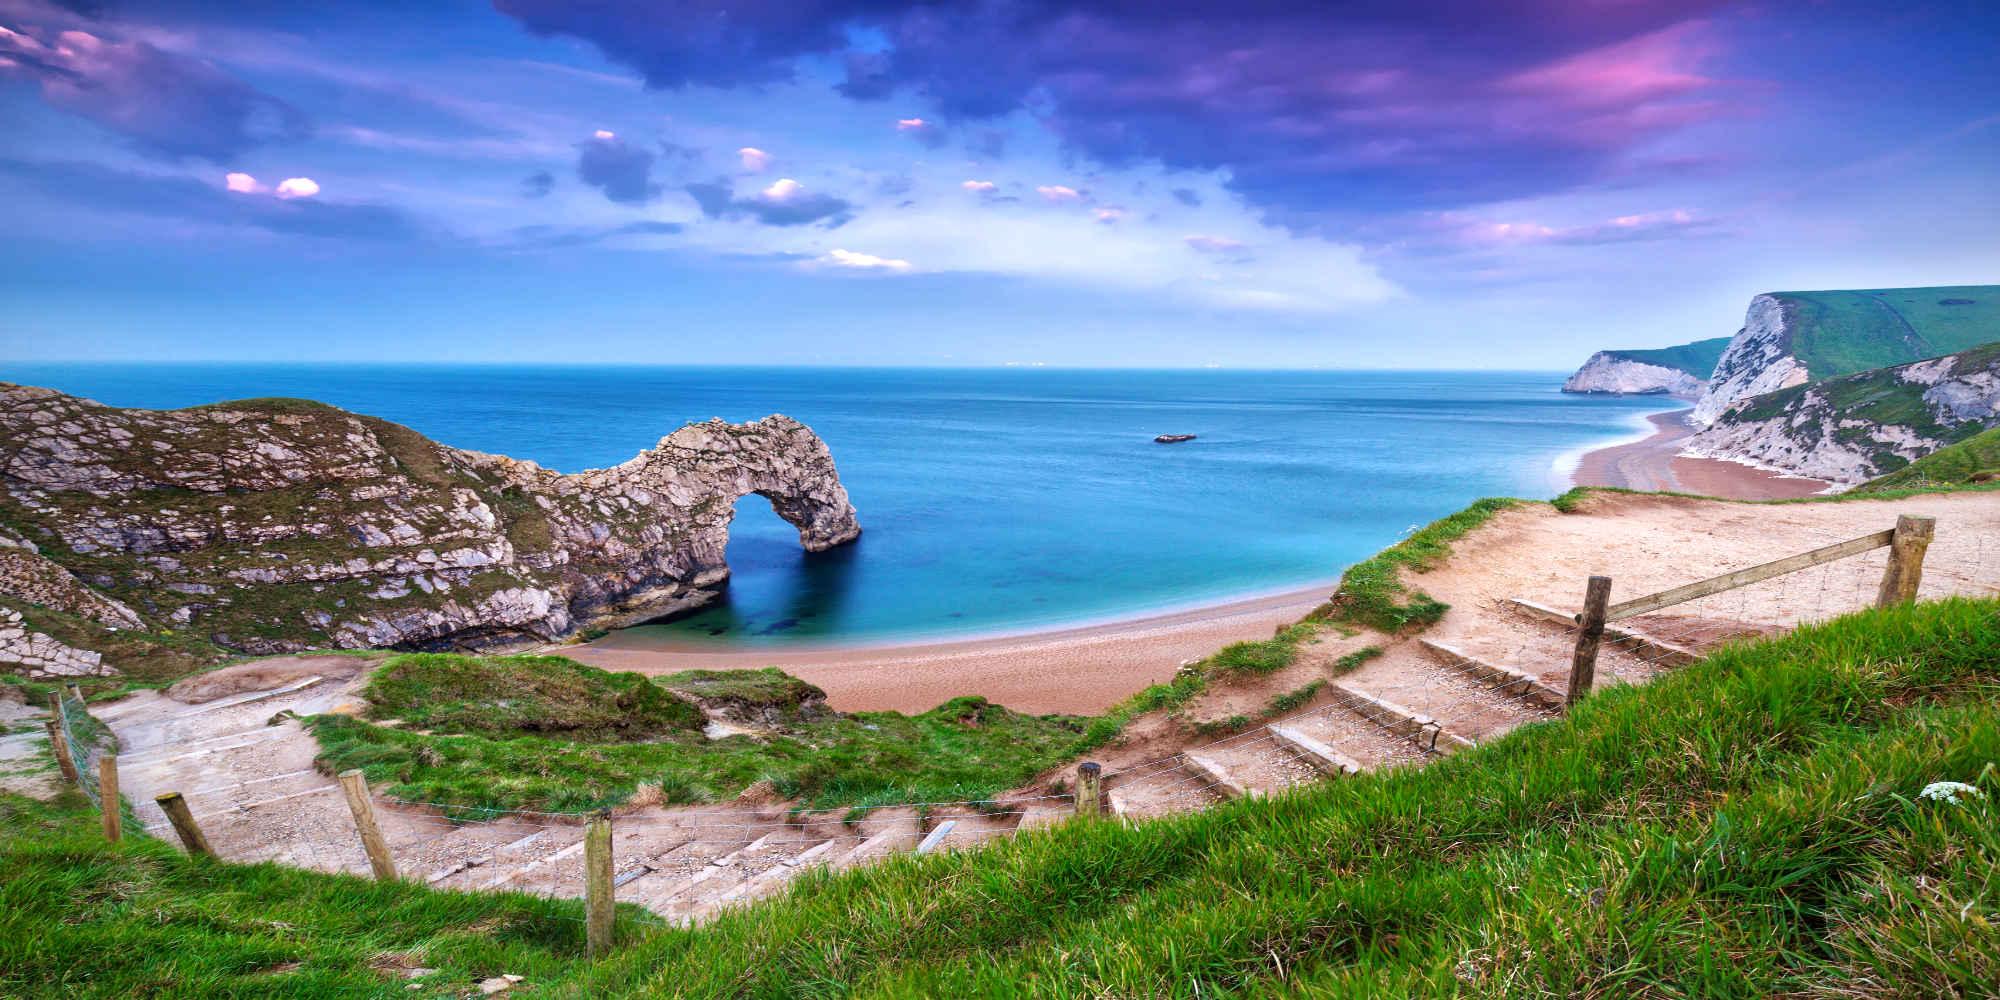 Jurassic Coast of Dorset with Durdle Door at sunrise